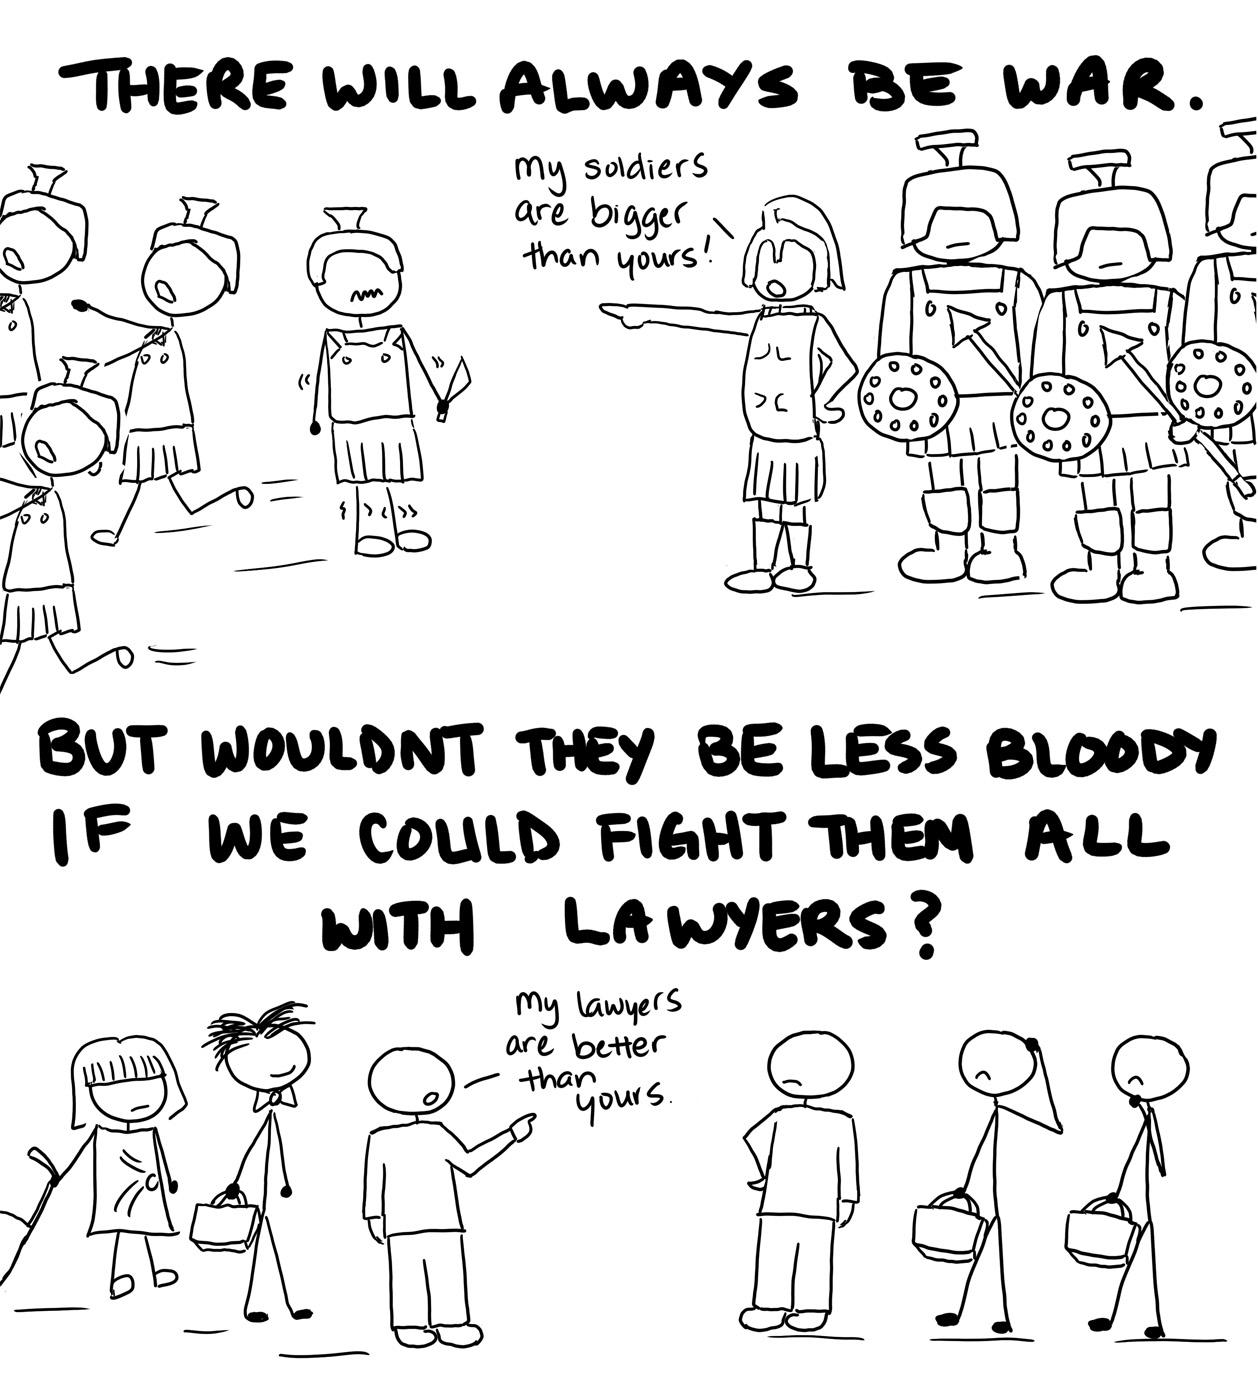 059 - Wars